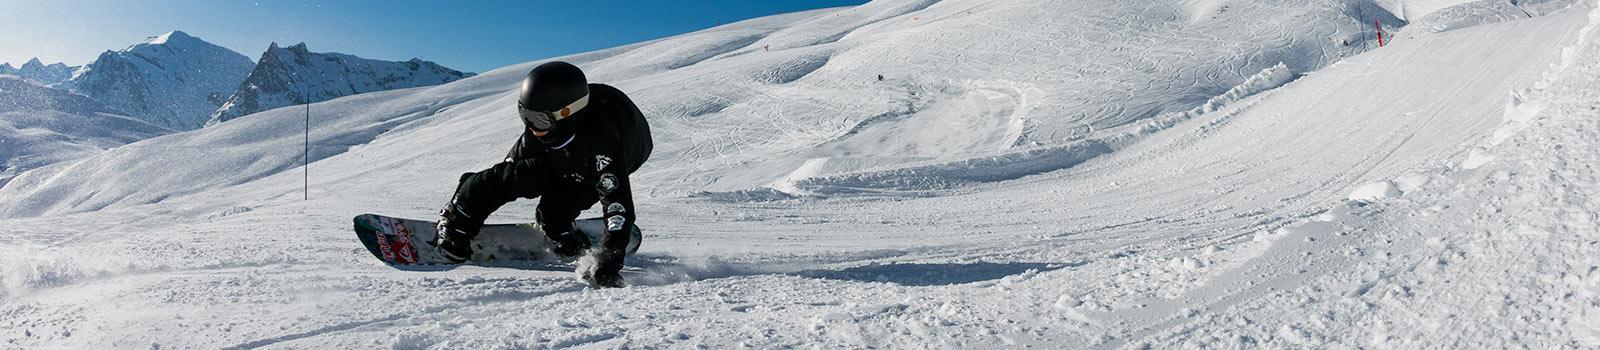 купить сноубордическую одеждудля мальчиков, купить аксессуары для сноубординга для мальчиков